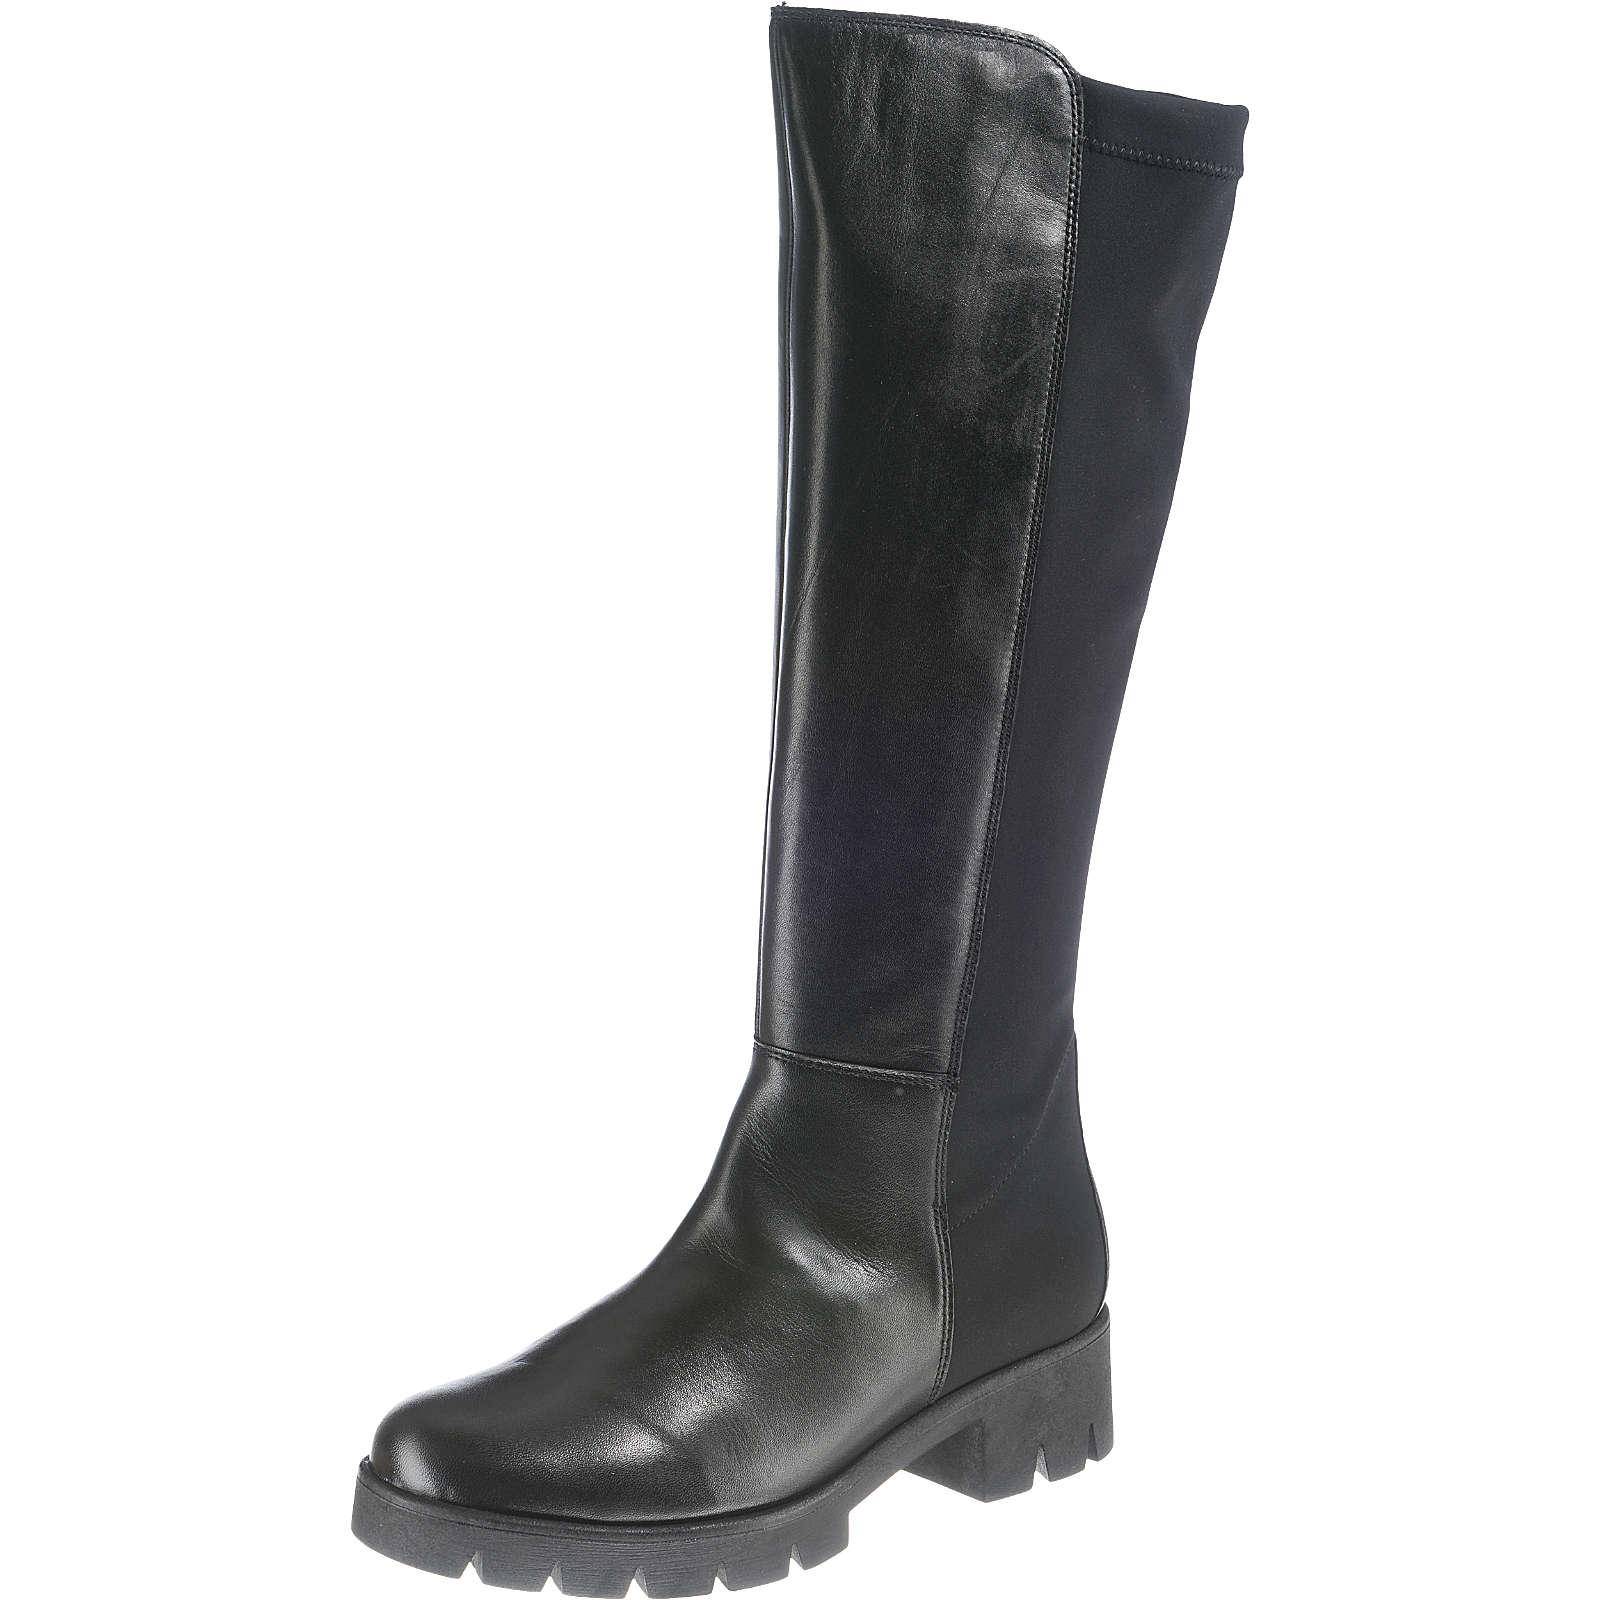 Gabor Klassische Stiefel schwarz Damen Gr. 39